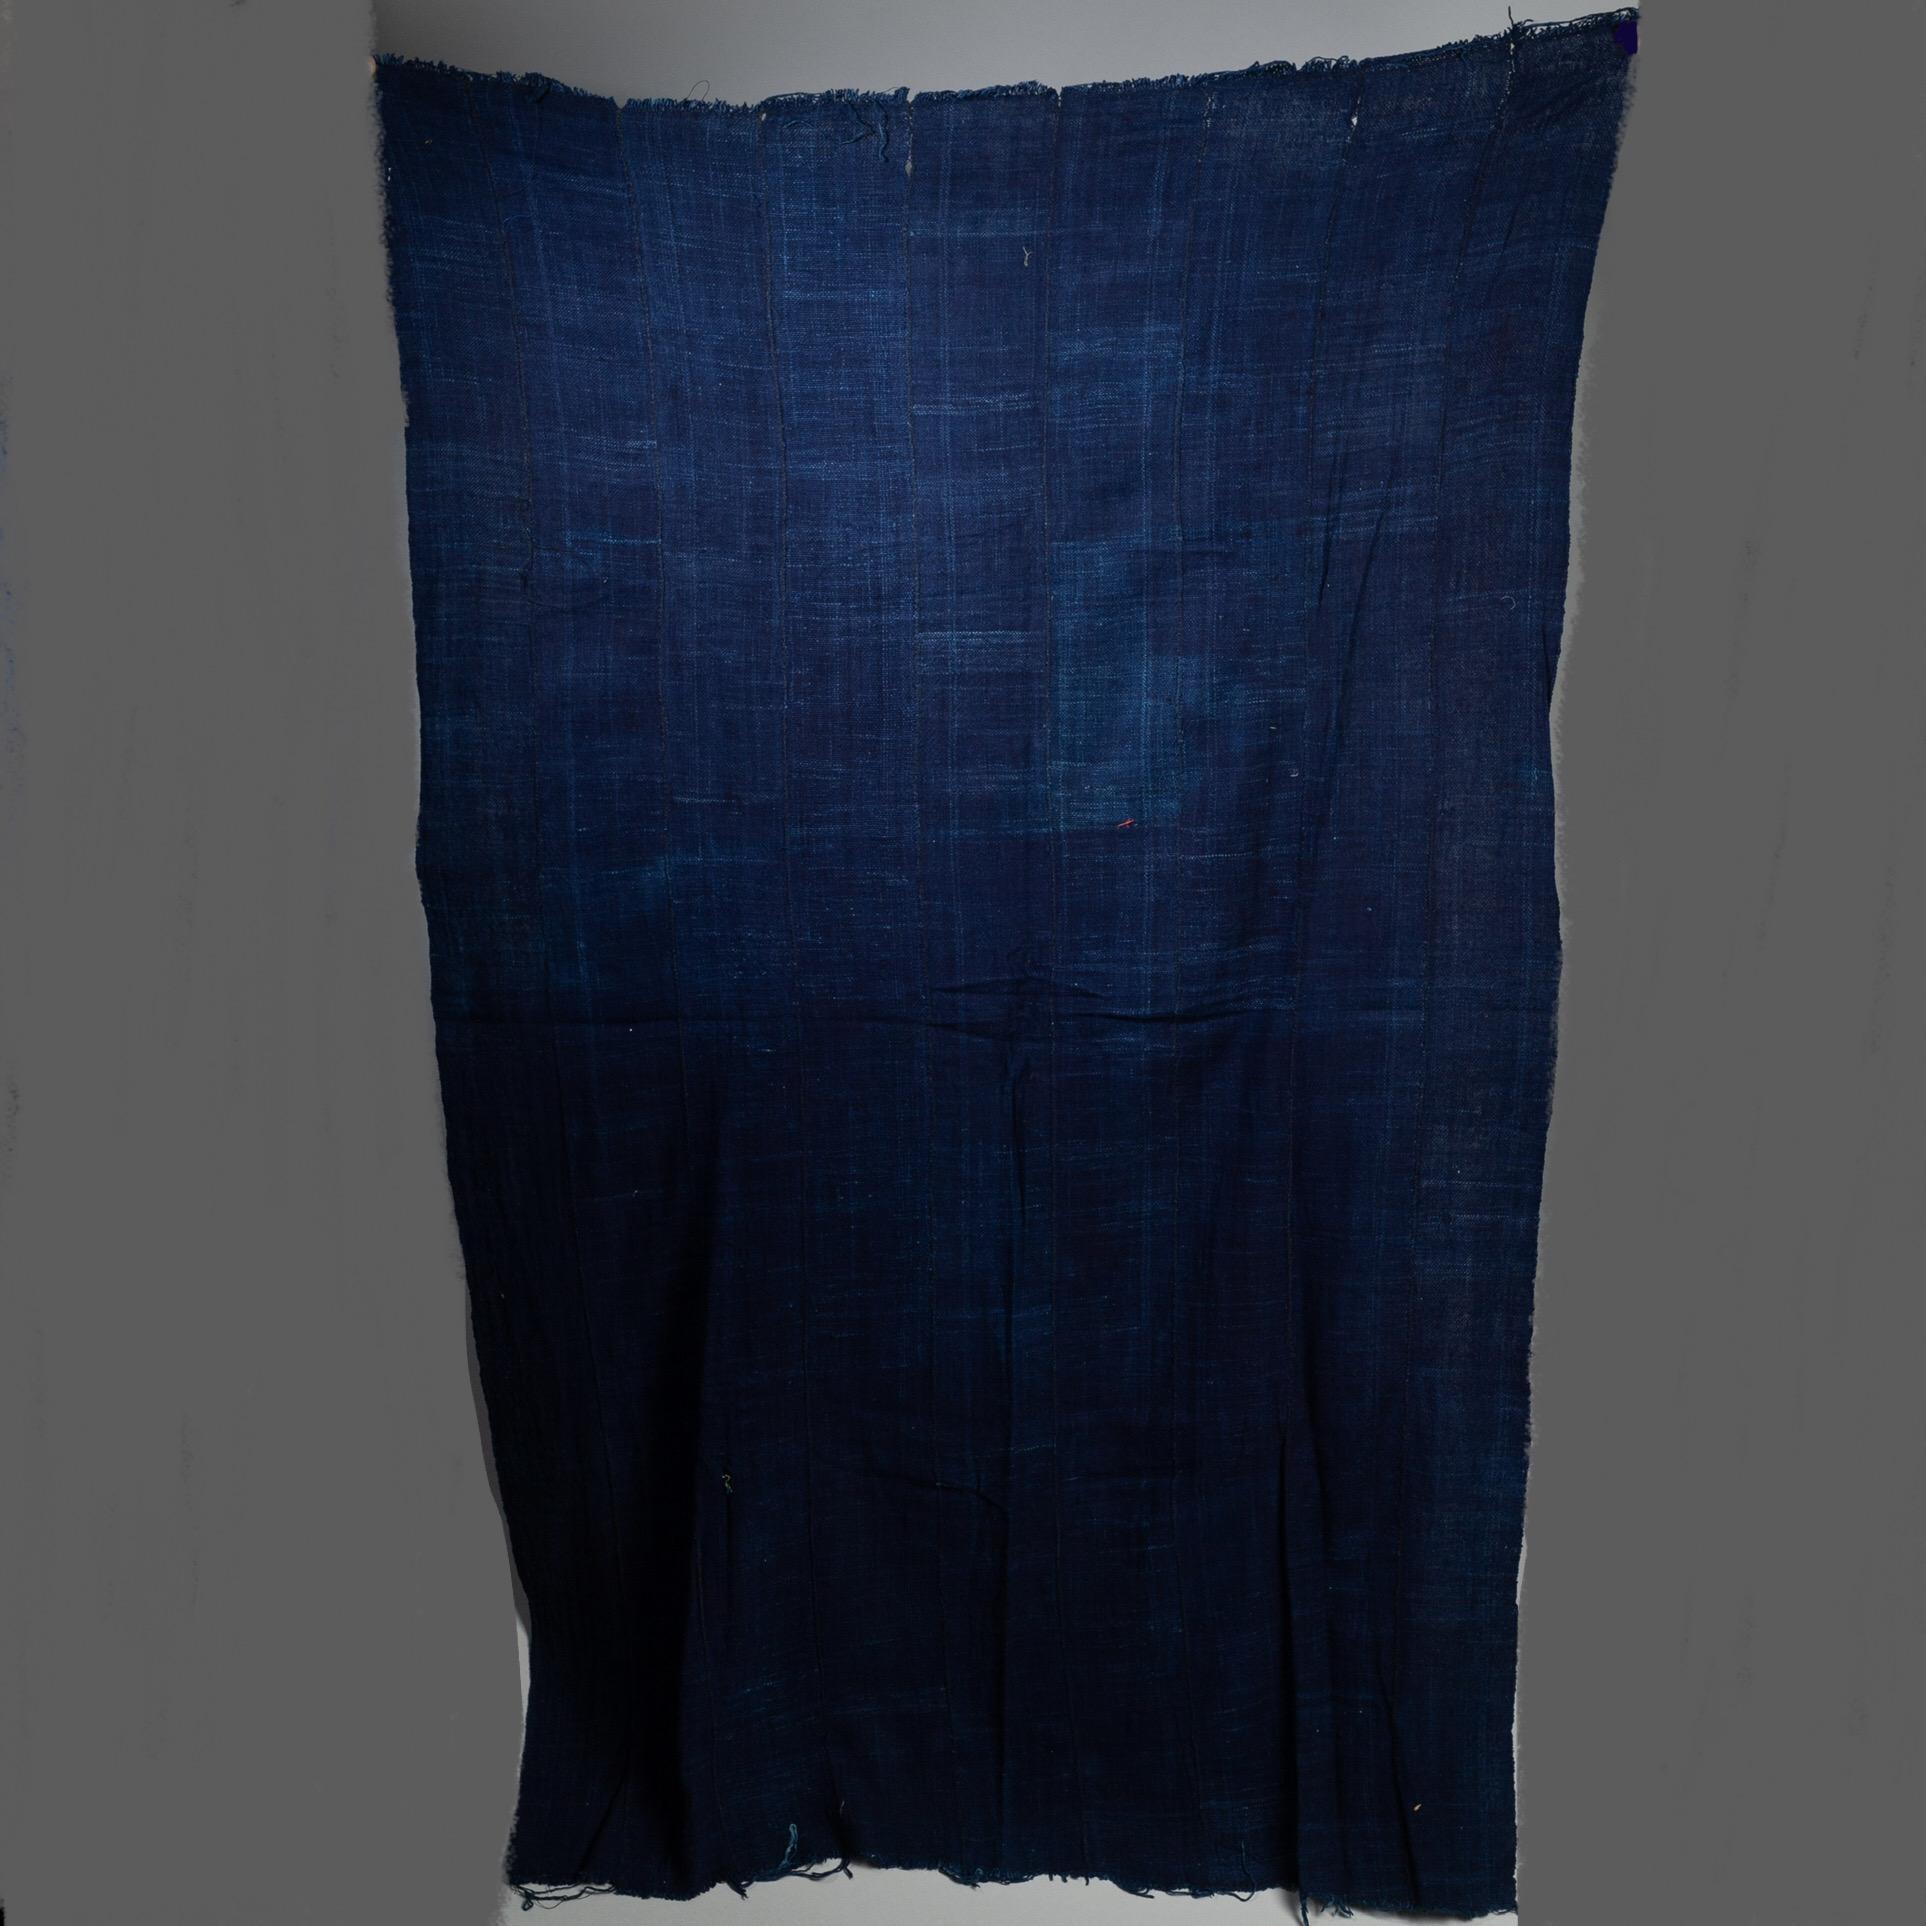 A DEEP BLUE INDIGO WOMENS CLOTH, BURKINA FASO ( No 3274 )